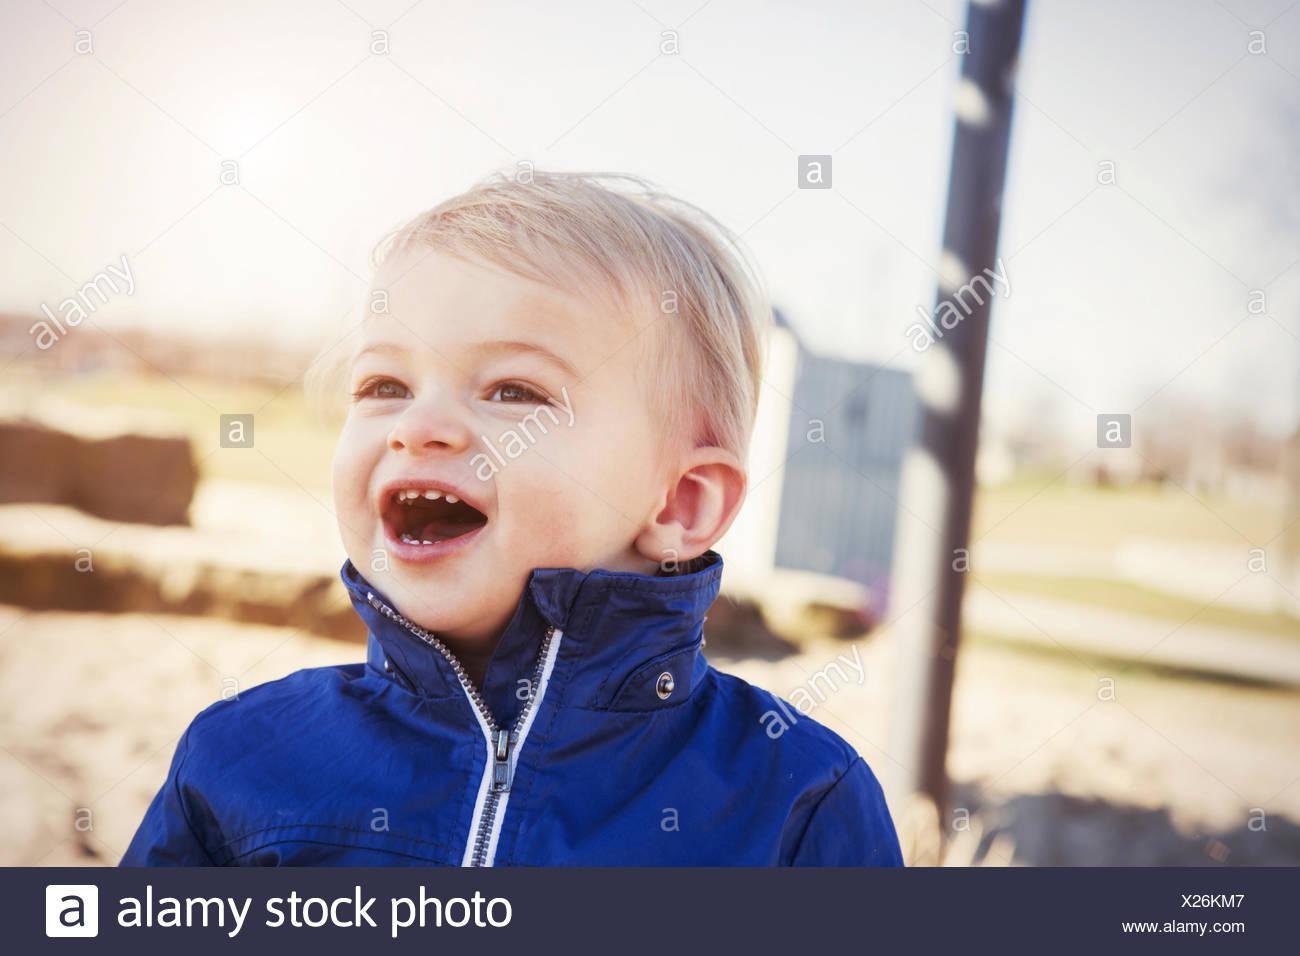 Germania, Oberhausen, bimbo con la bocca aperta sul parco giochi Immagini Stock